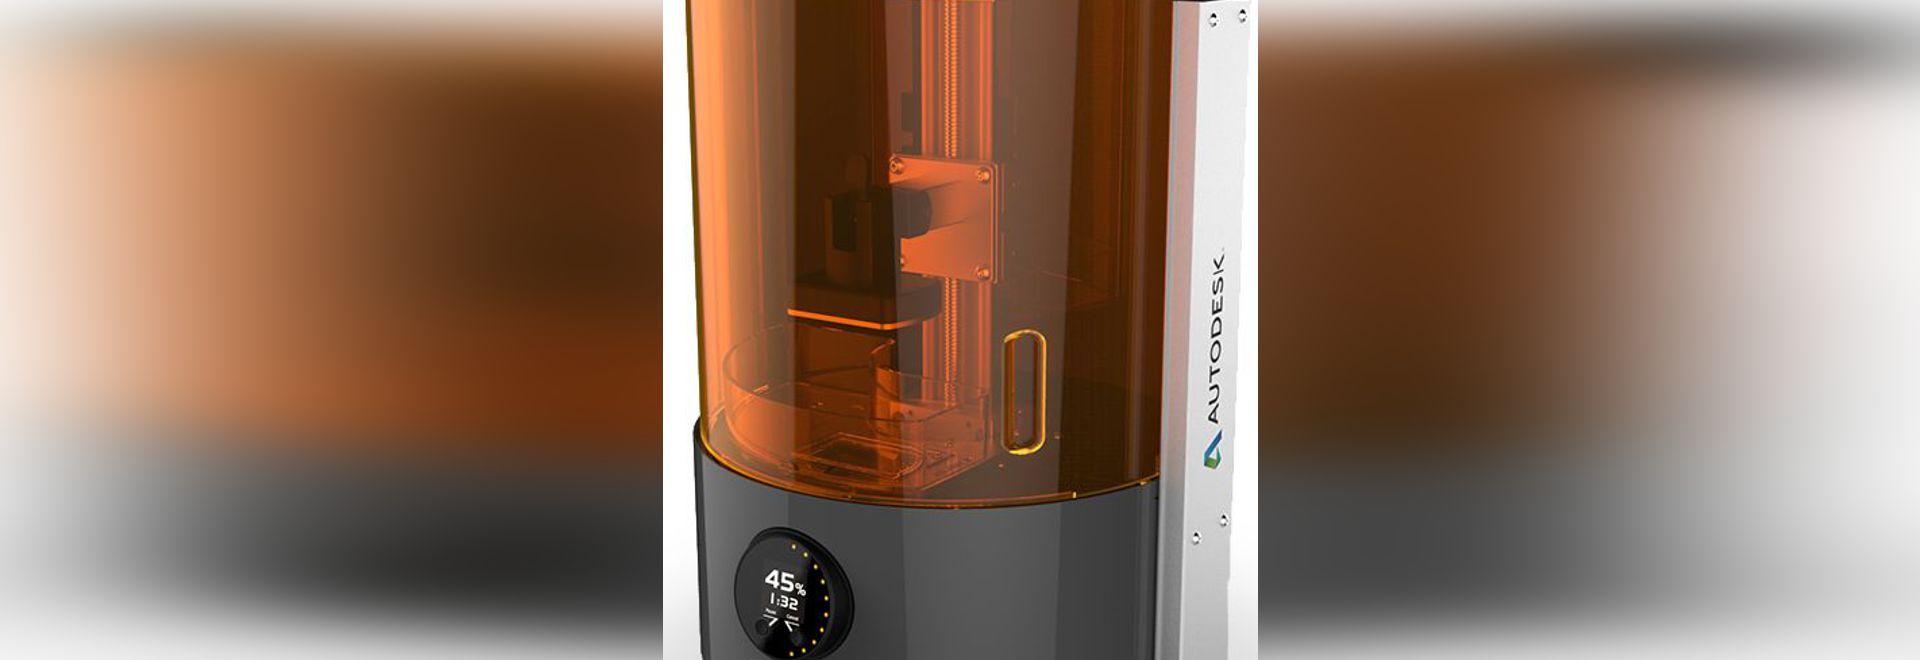 La impresora de la ascua 3D se piensa para chispear la innovación en la impresión 3D entre la comunidad del arranque/del investigador.